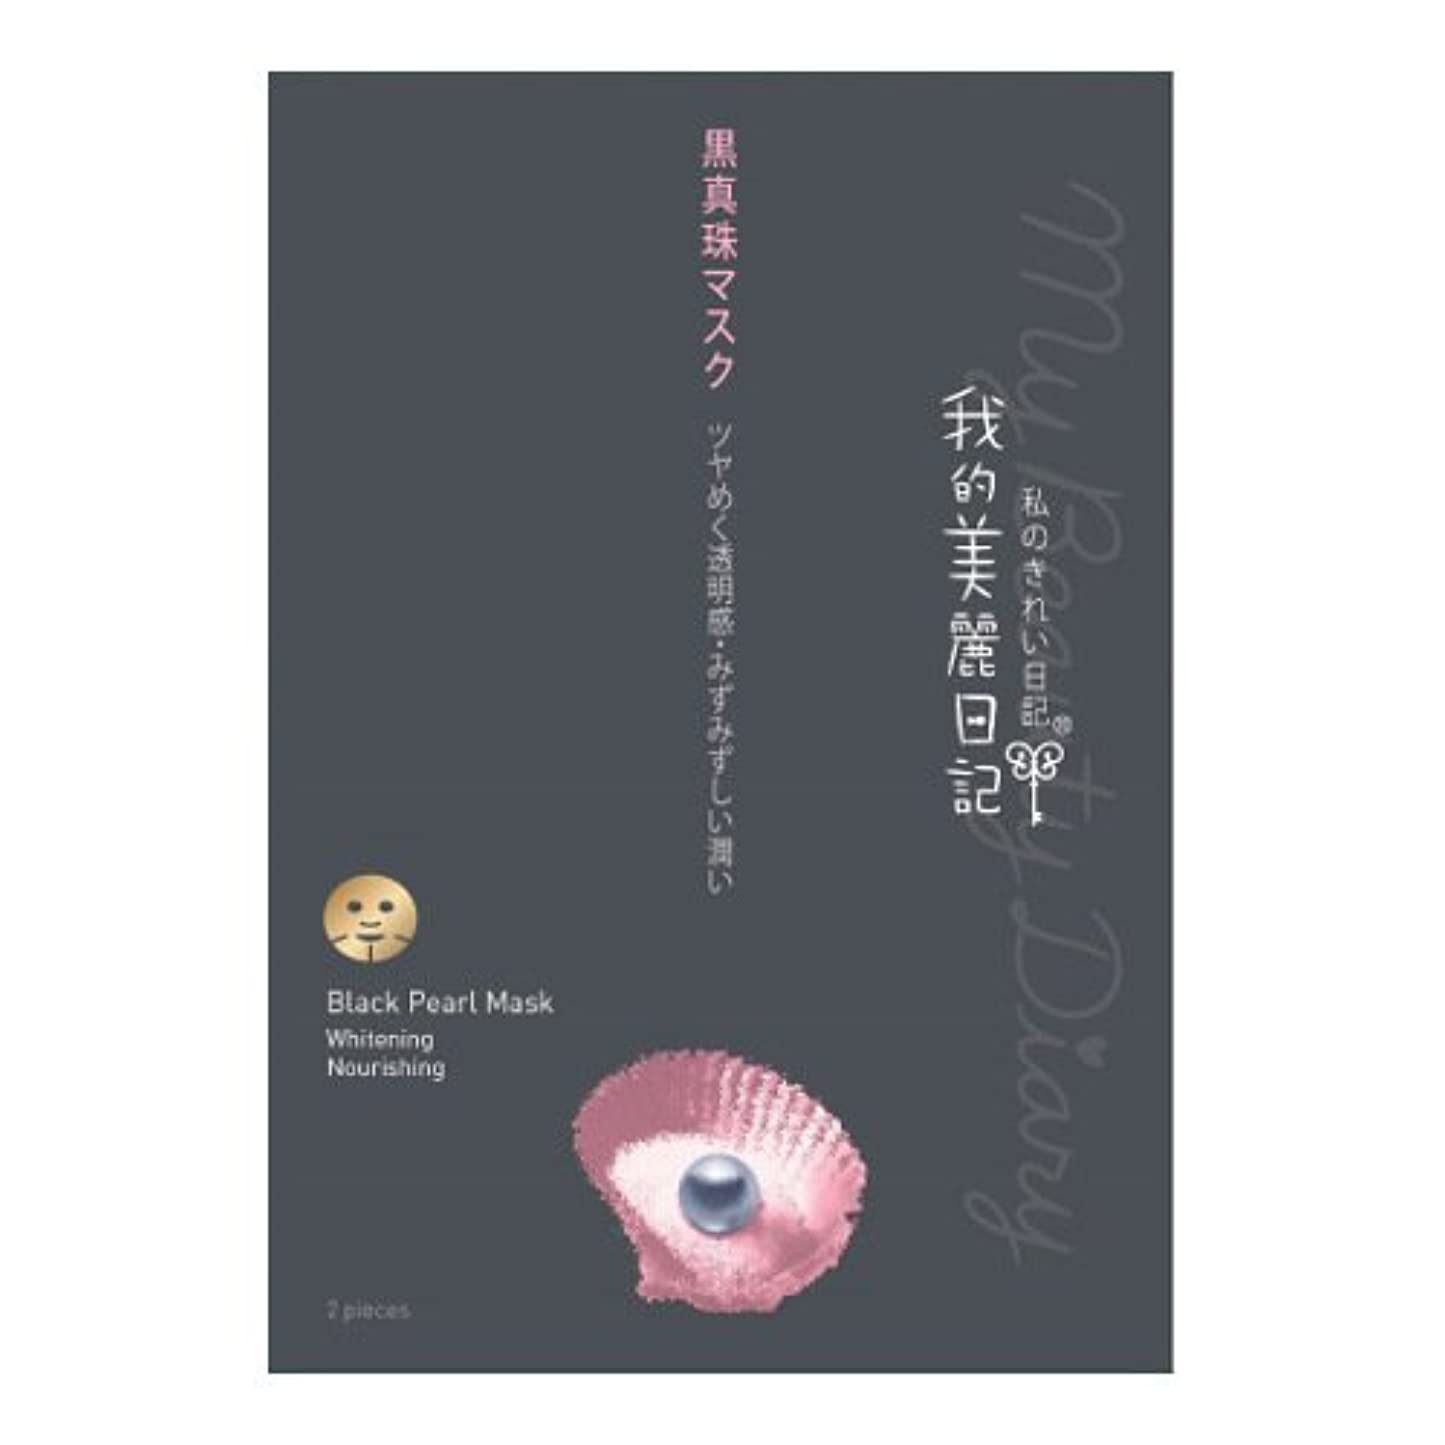 スラックファイター批判的我的美麗日記 私のきれい日記 黒真珠マスク 23ml×2枚